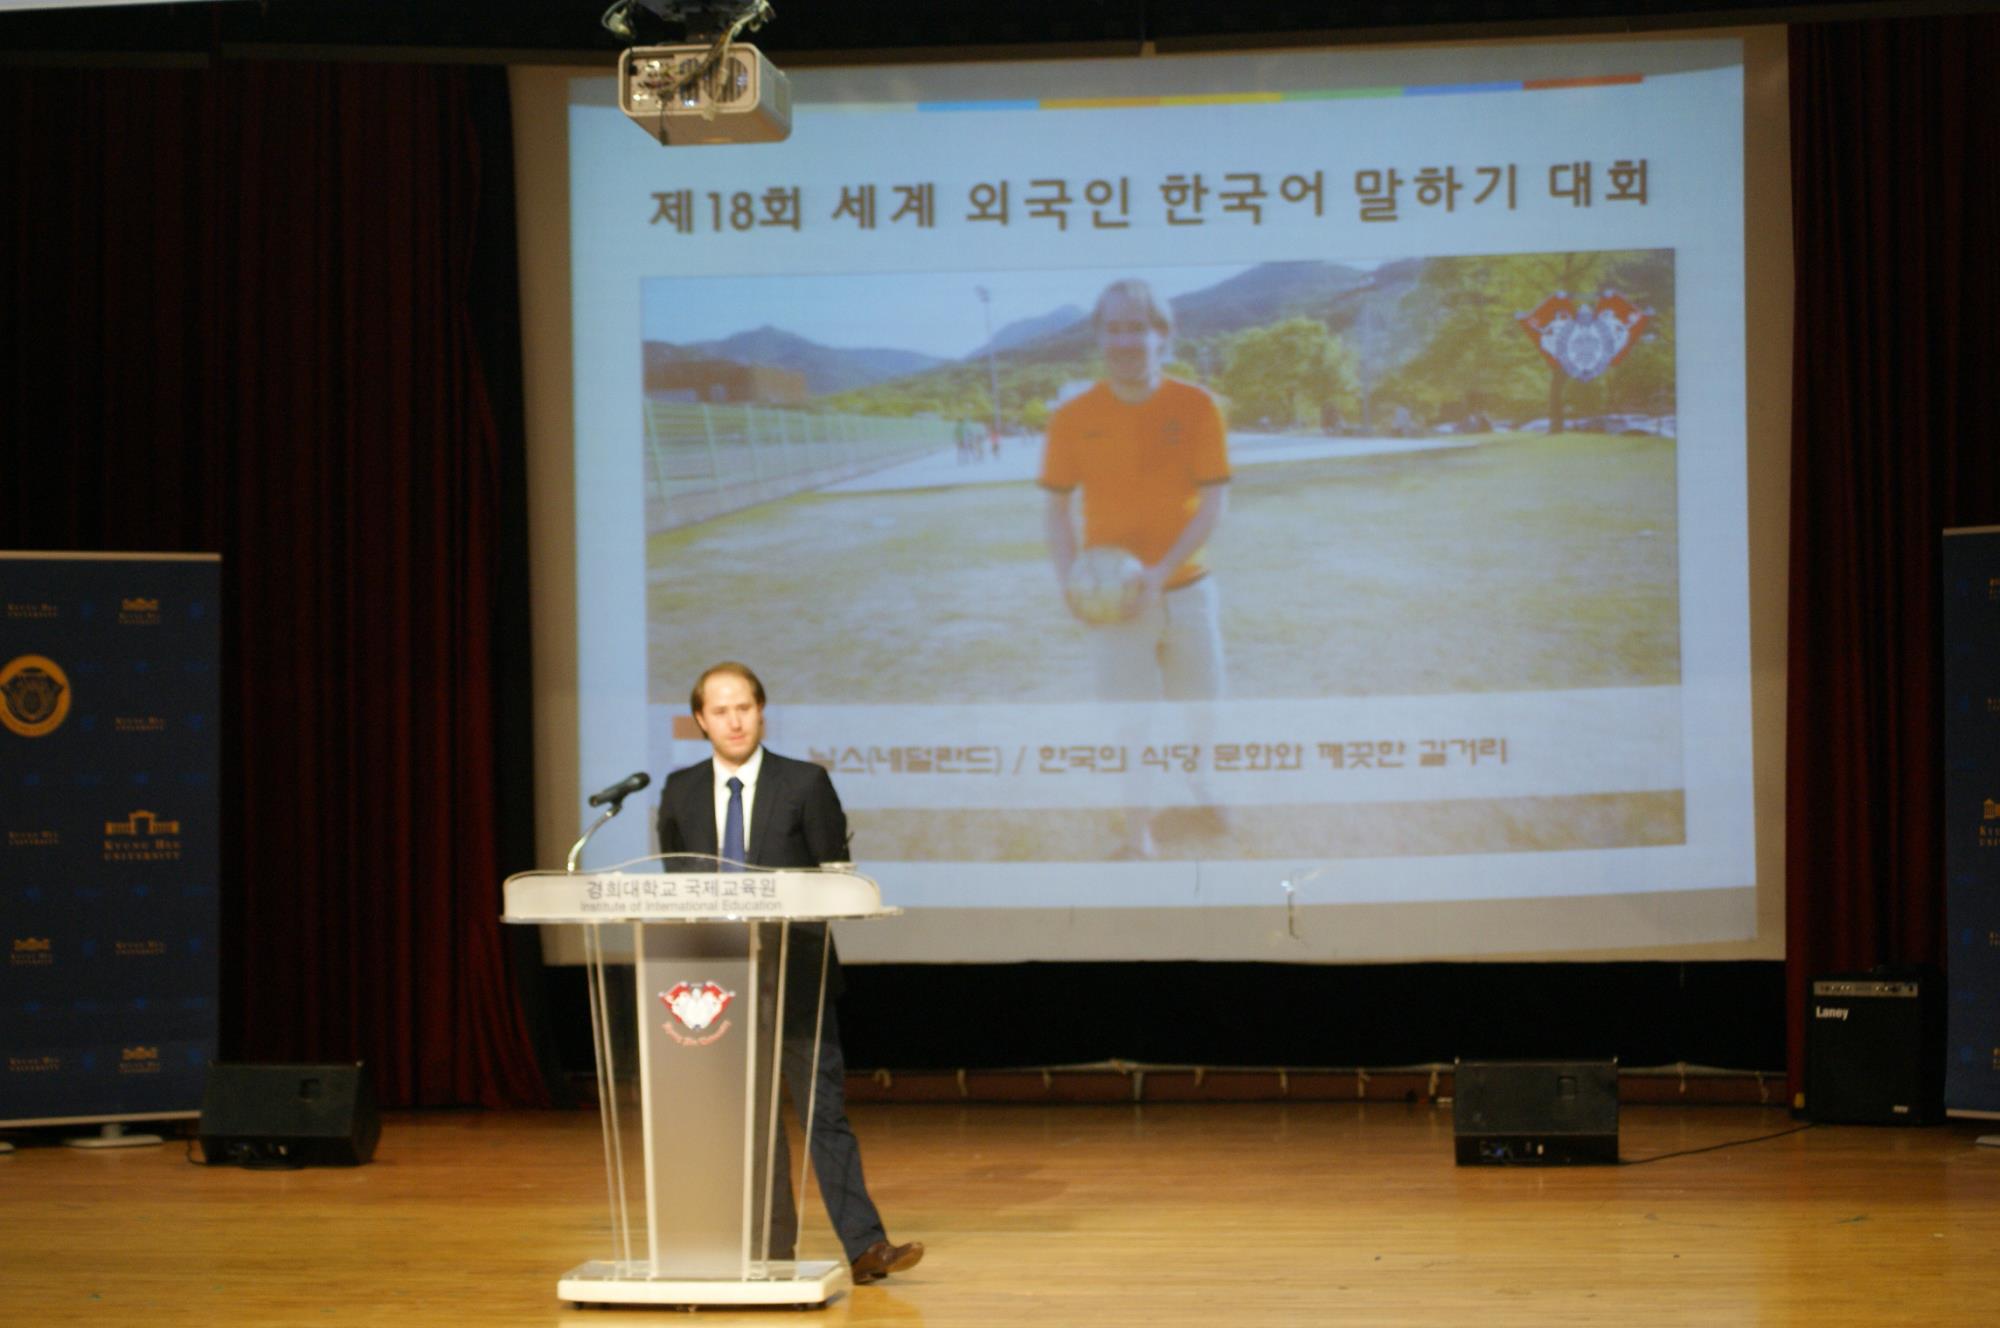 『제18회 세계 외국인 한국어 말하기 대회』 행사 지원